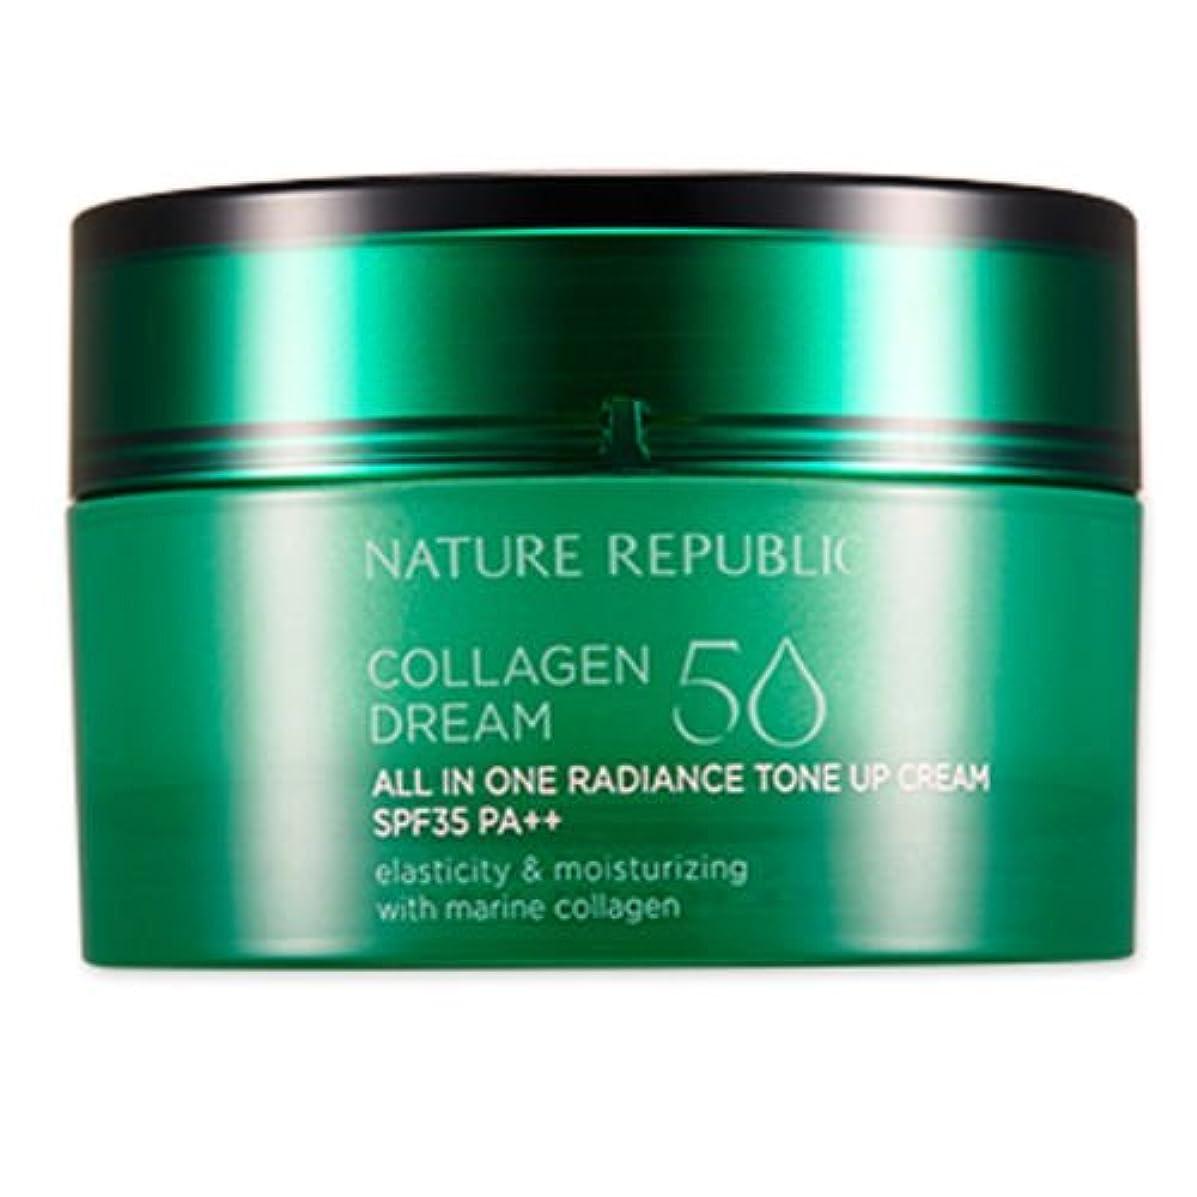 削る聖書ドキュメンタリーNATURE REPUBLIC Collagen Dream 50 All-In-One Radiance Tone Up Cream(SPF35PA++) ネイチャーリパブリック [韓国コスメ ] コラーゲンドリーム50...